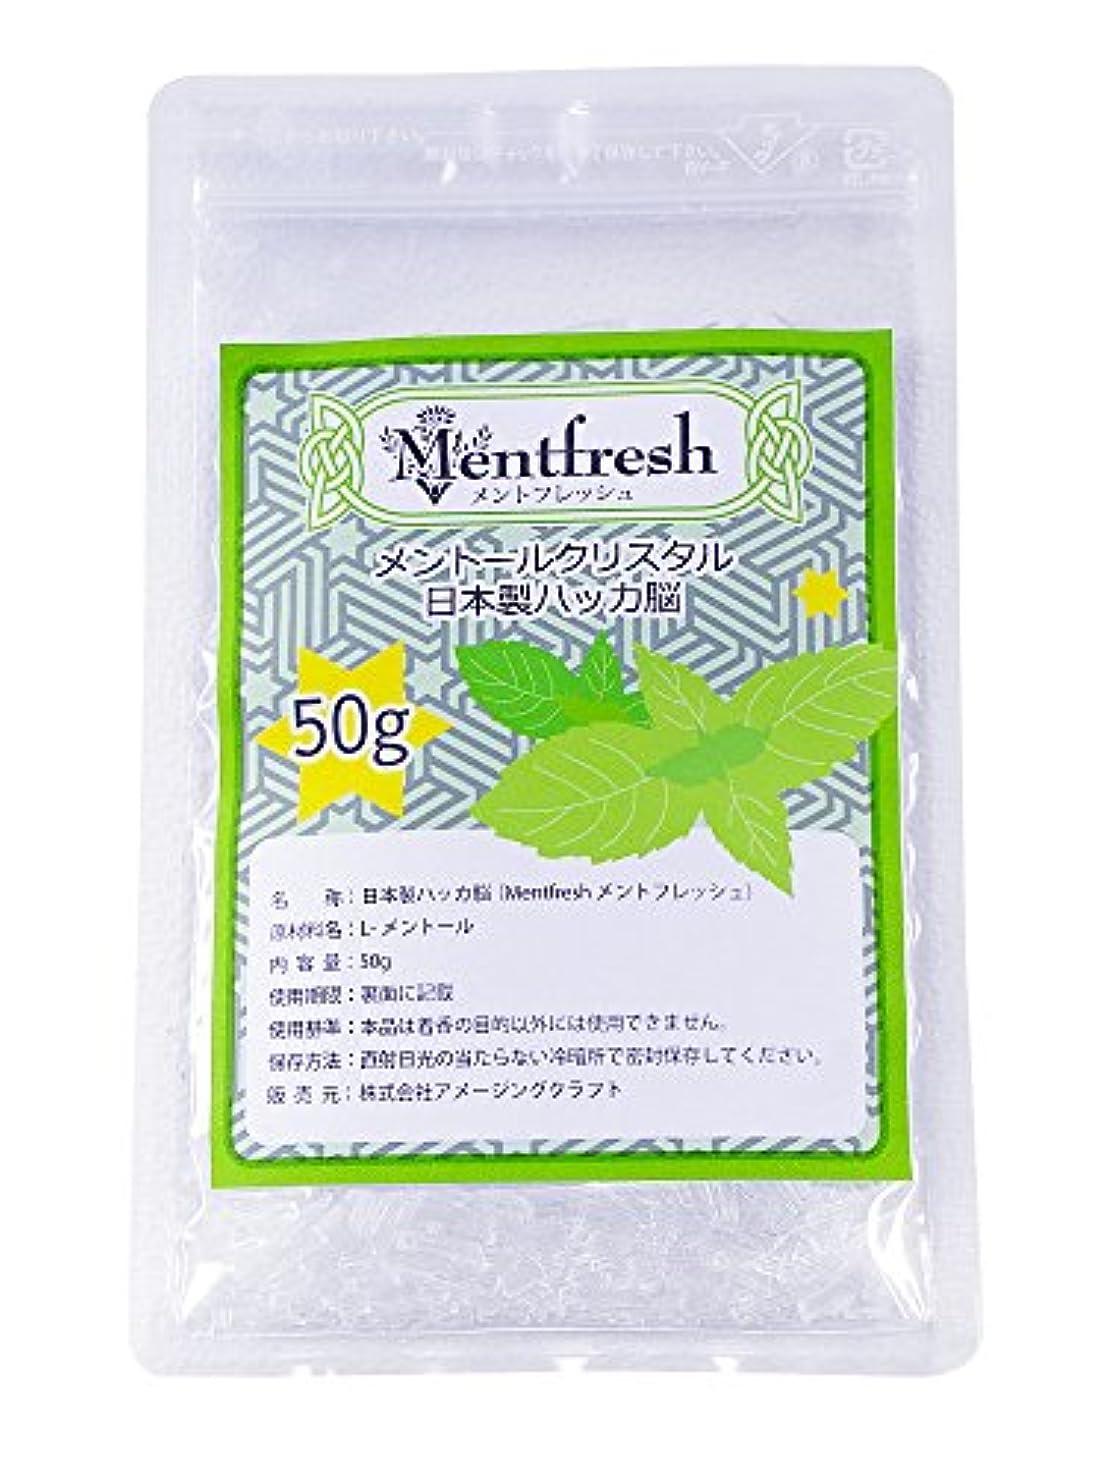 列挙する前奏曲アイロニー日本製 ハッカ結晶 メントフレッシュ メントールクリスタル (50g)